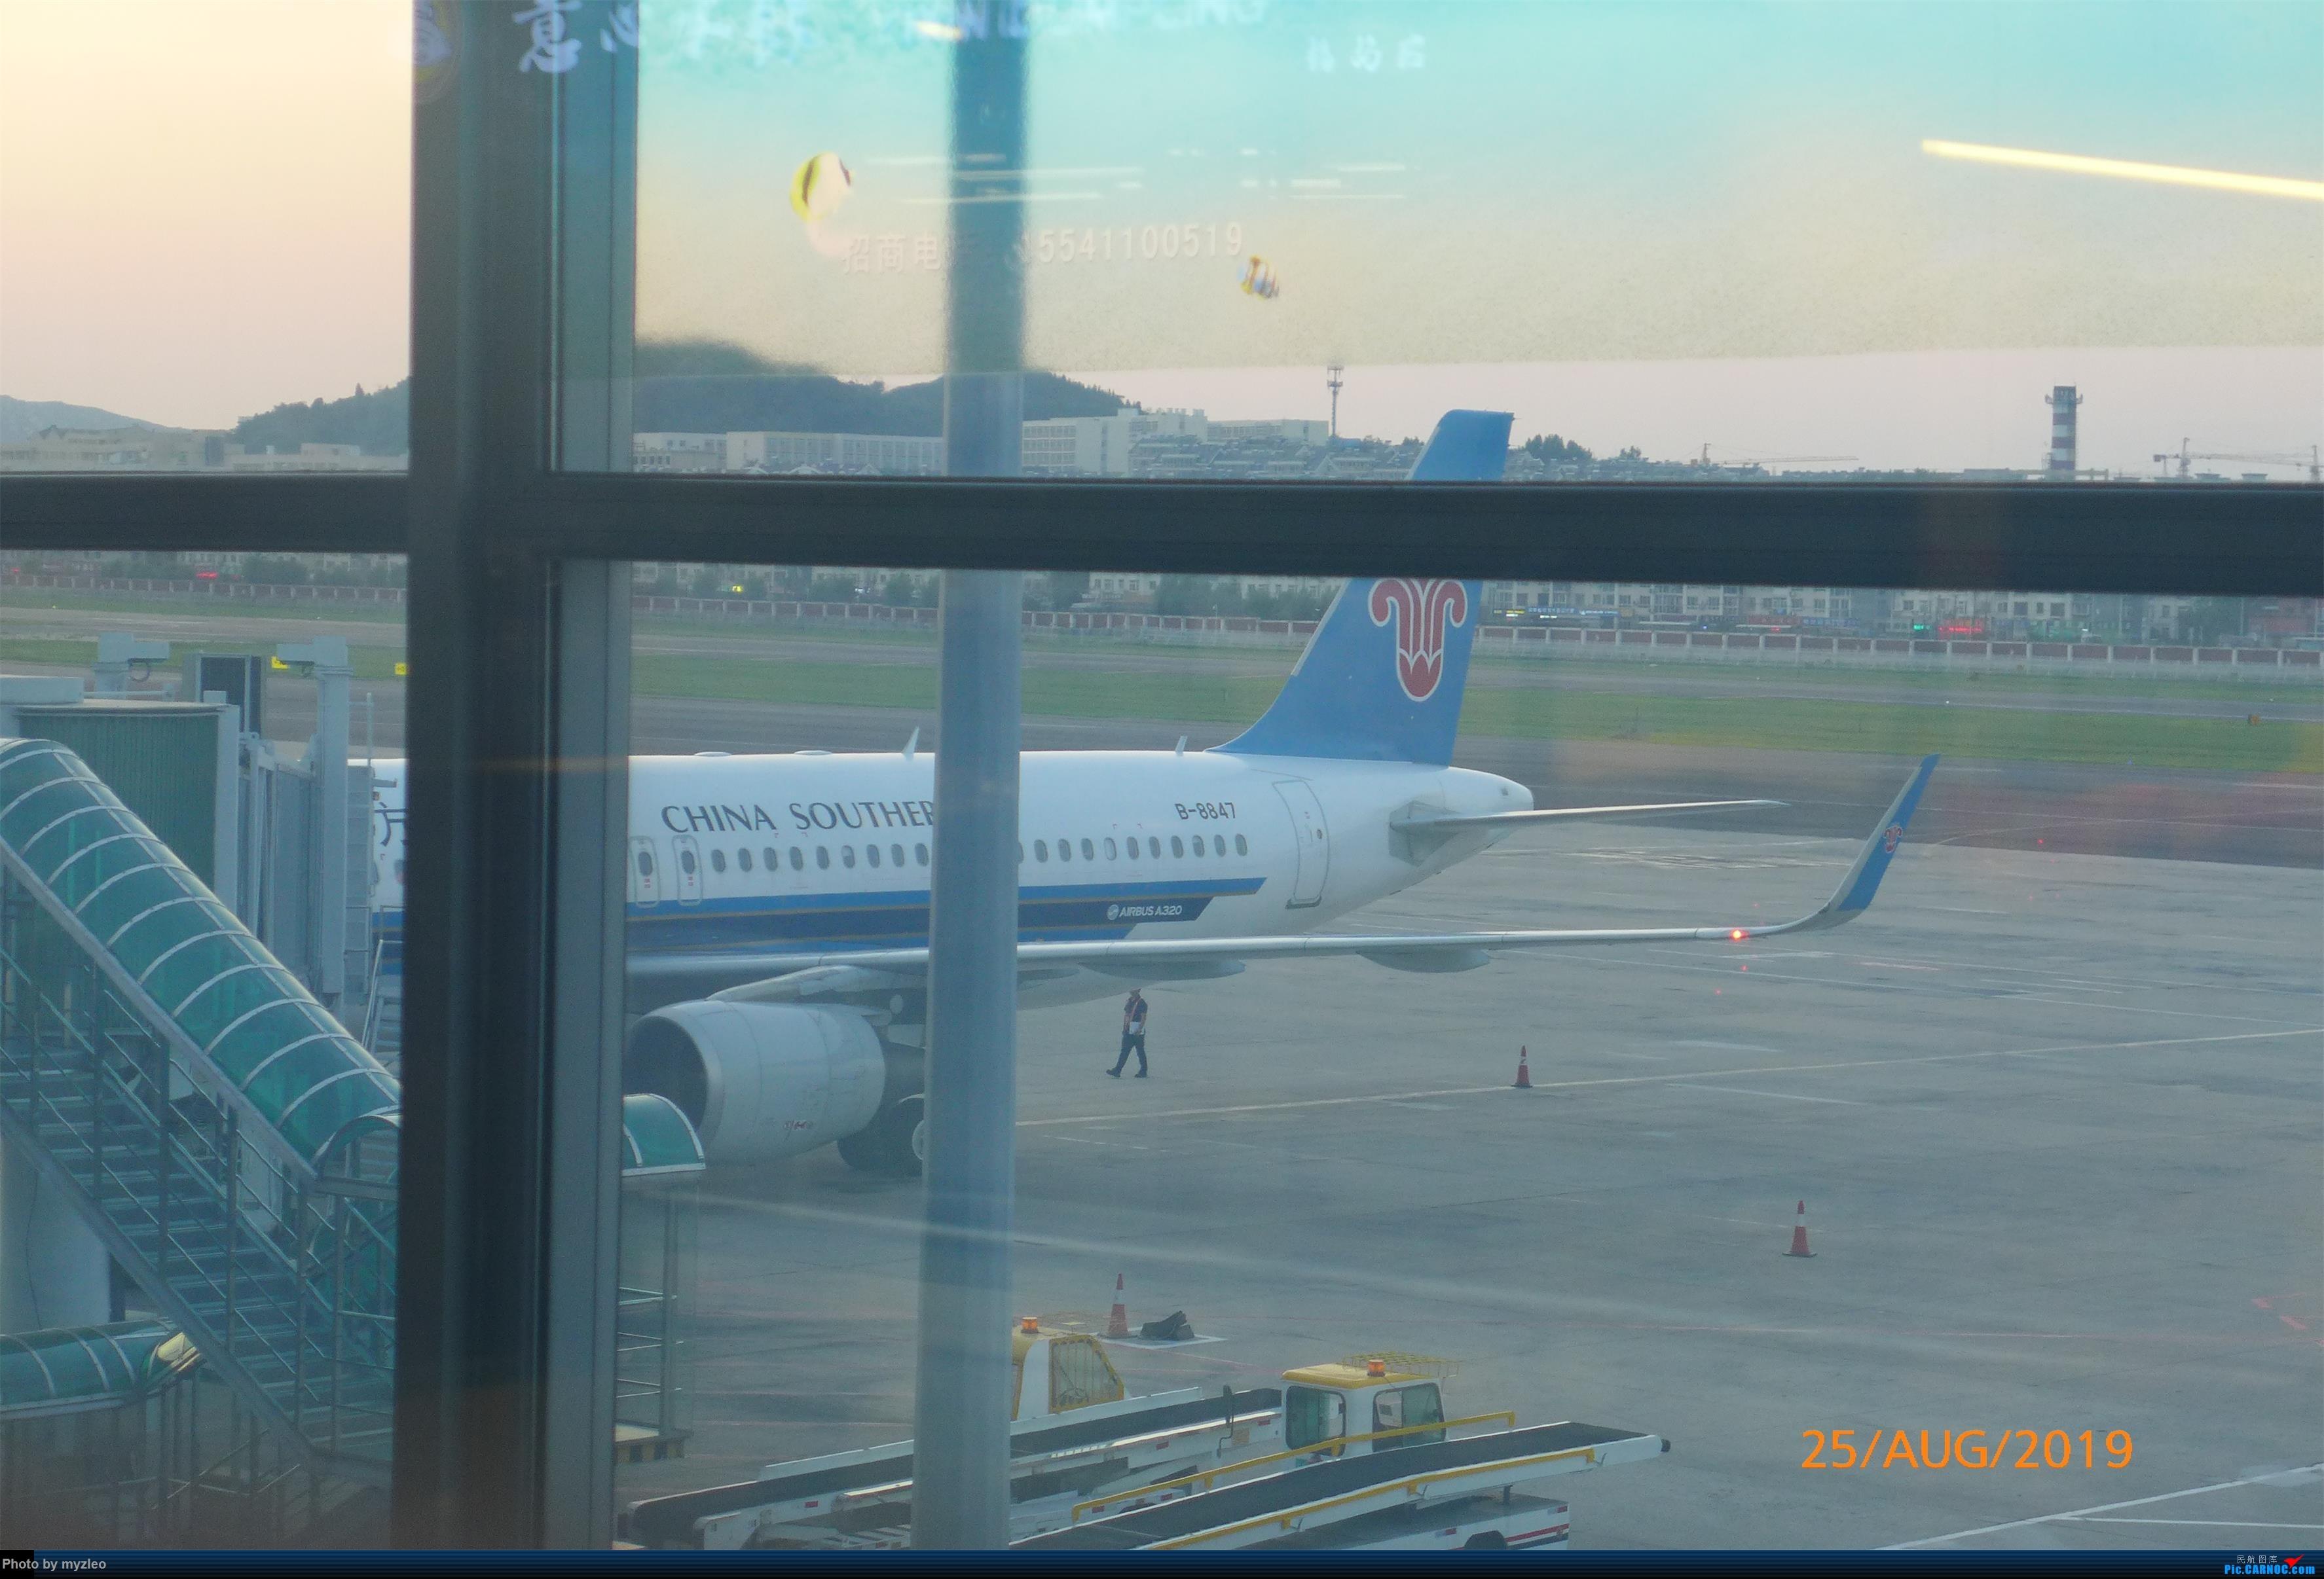 Re:[原创]【myzleo的游记5.3】在大连各景点穿梭不停,坐东航319返回上海 AIRBUS A320-200 B-8847 中国大连国际机场